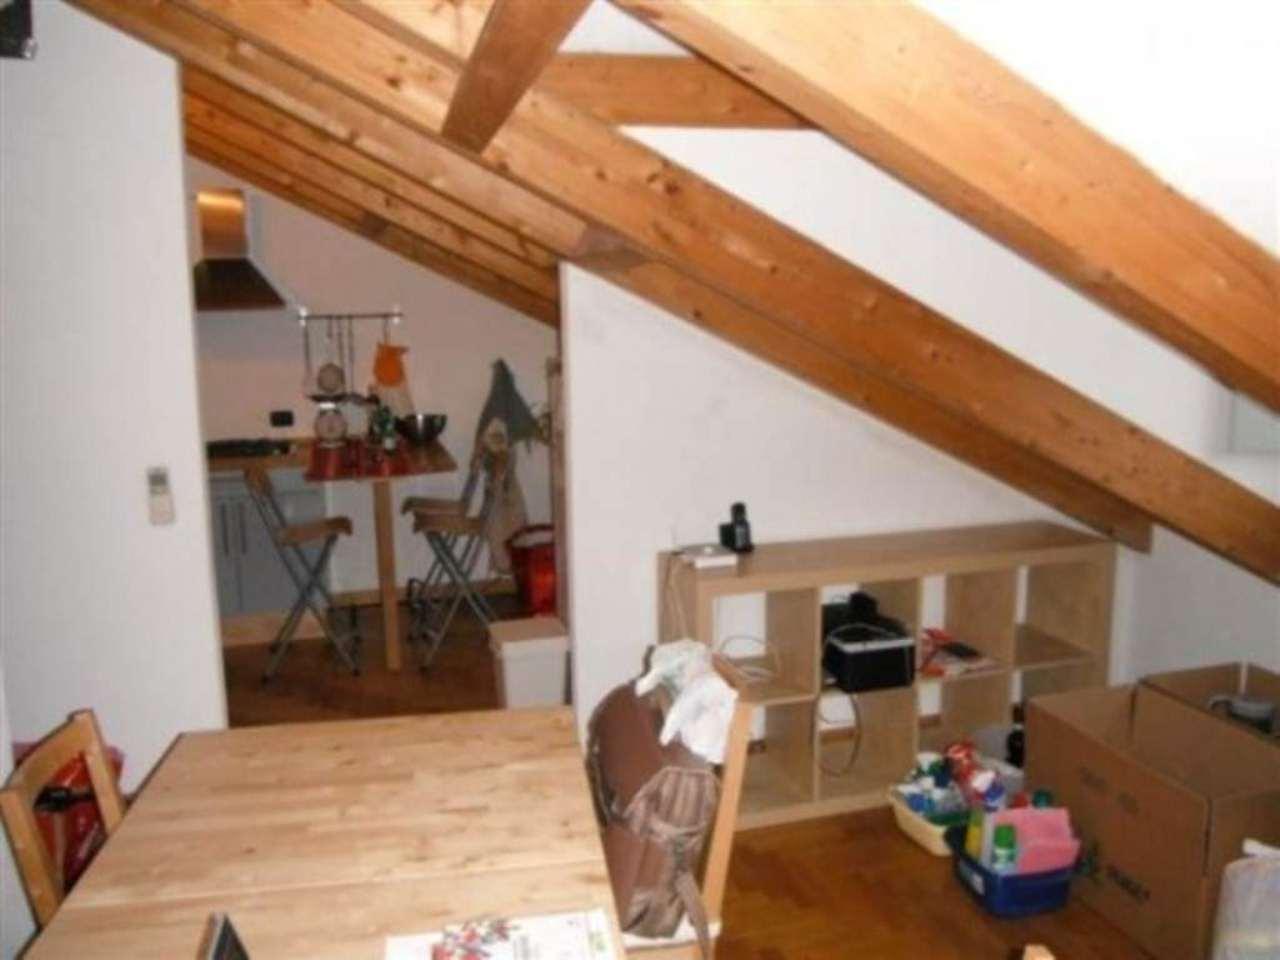 Attico / Mansarda in affitto a Pavia, 2 locali, prezzo € 550 | Cambio Casa.it